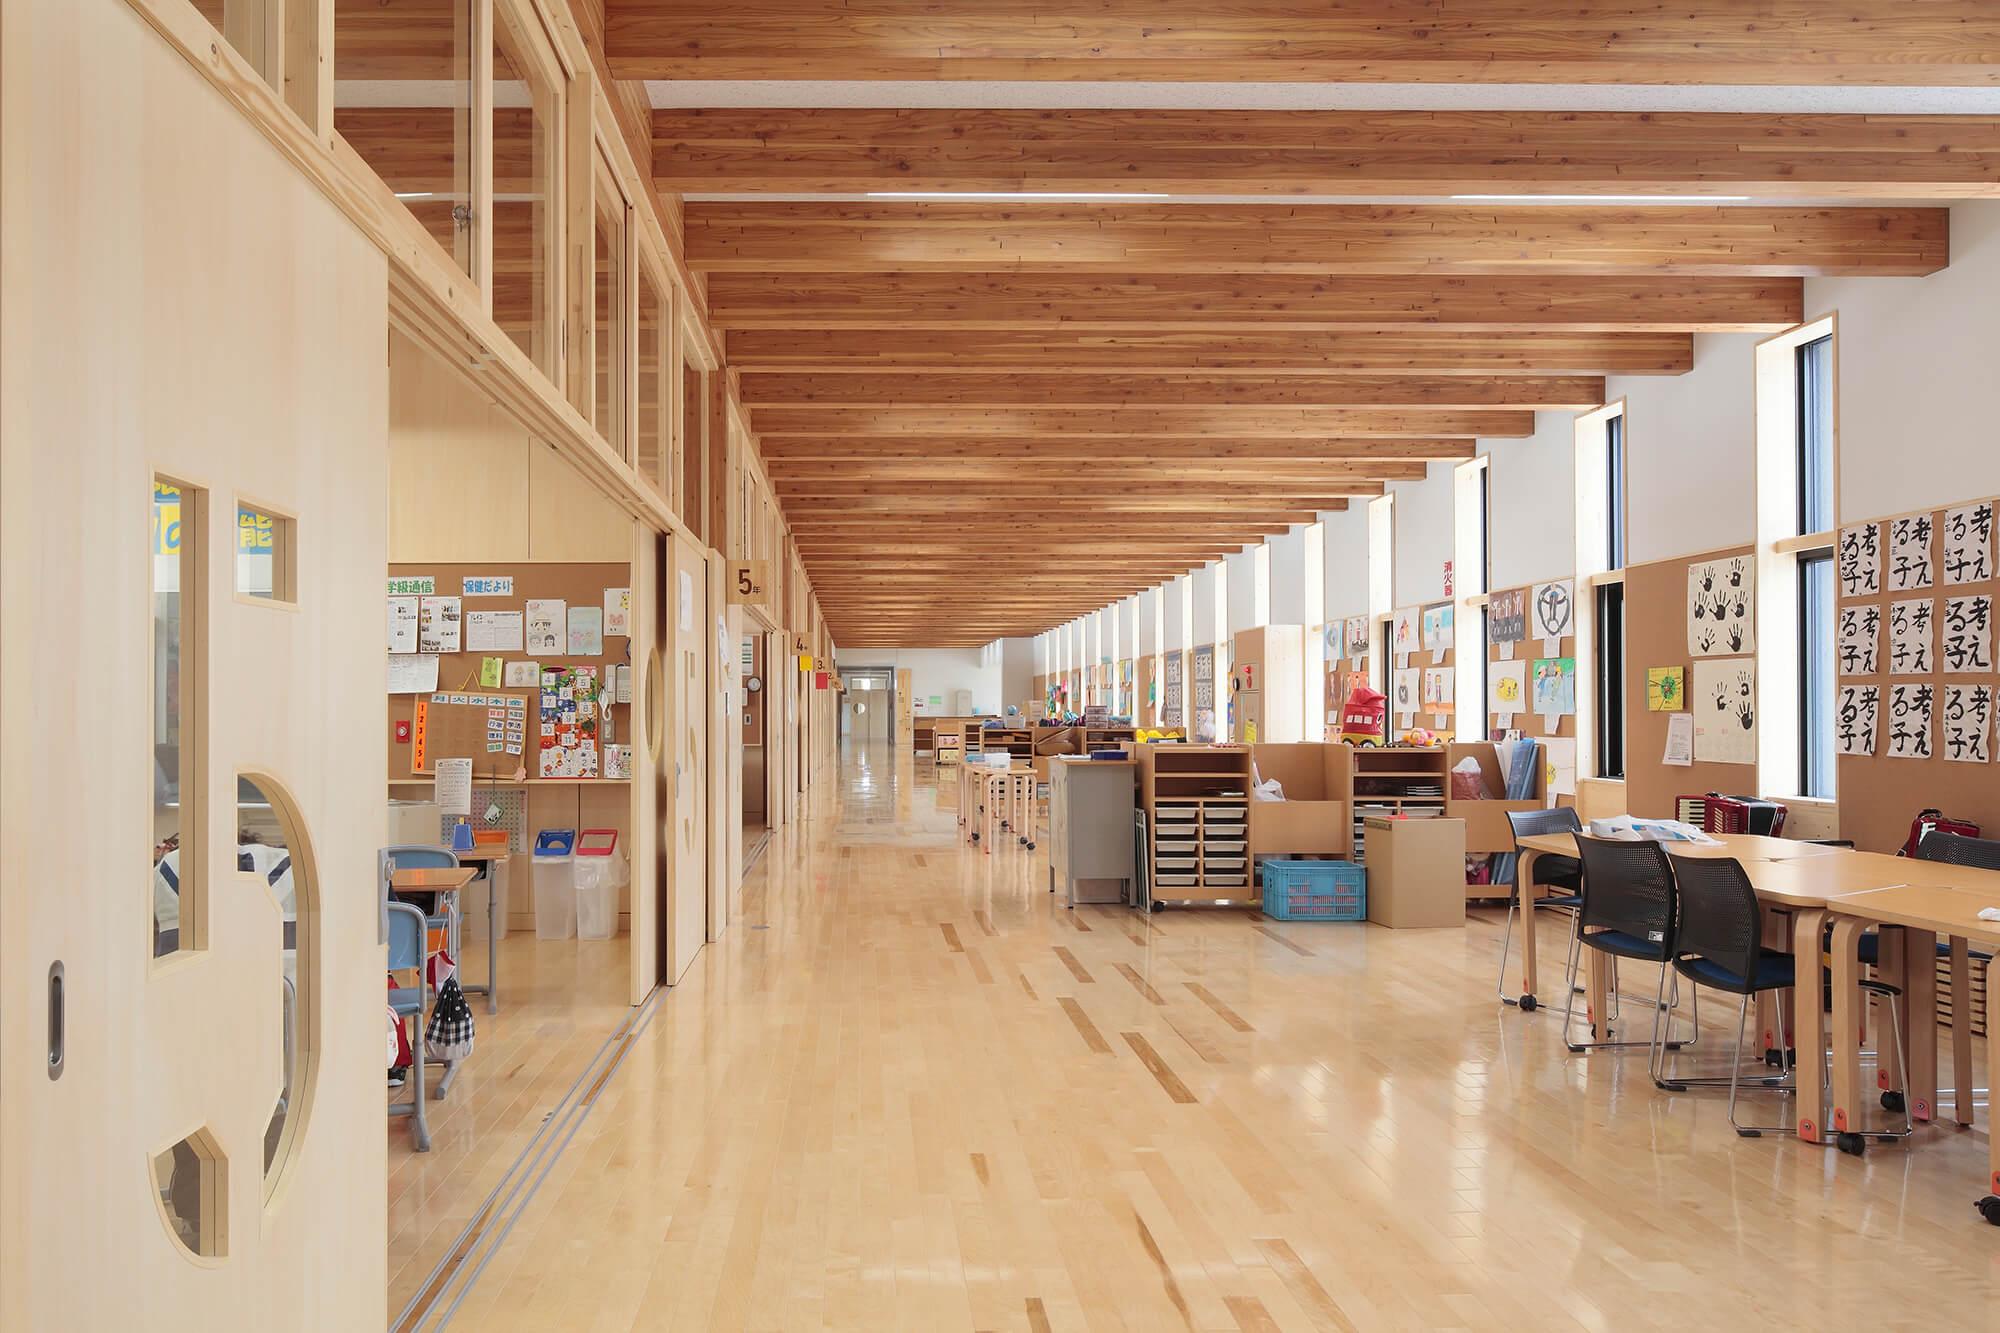 木造建築の施工事例:陸別町立陸別小学校 8枚目